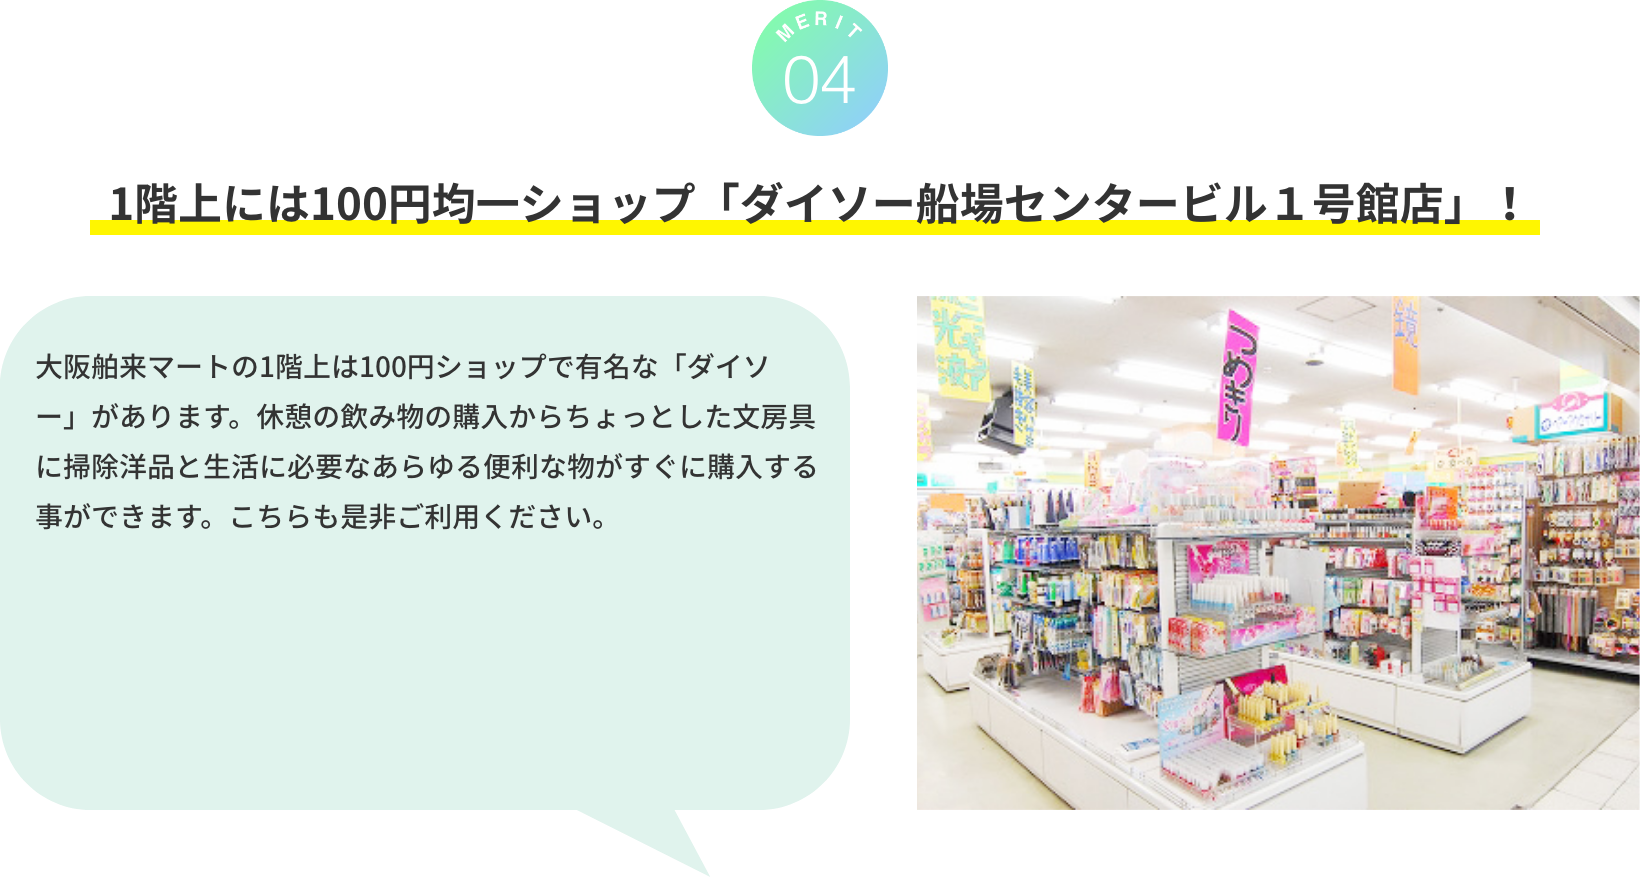 1階上には100円均一ショップ「ダイソー船場センタービル1号館店」!